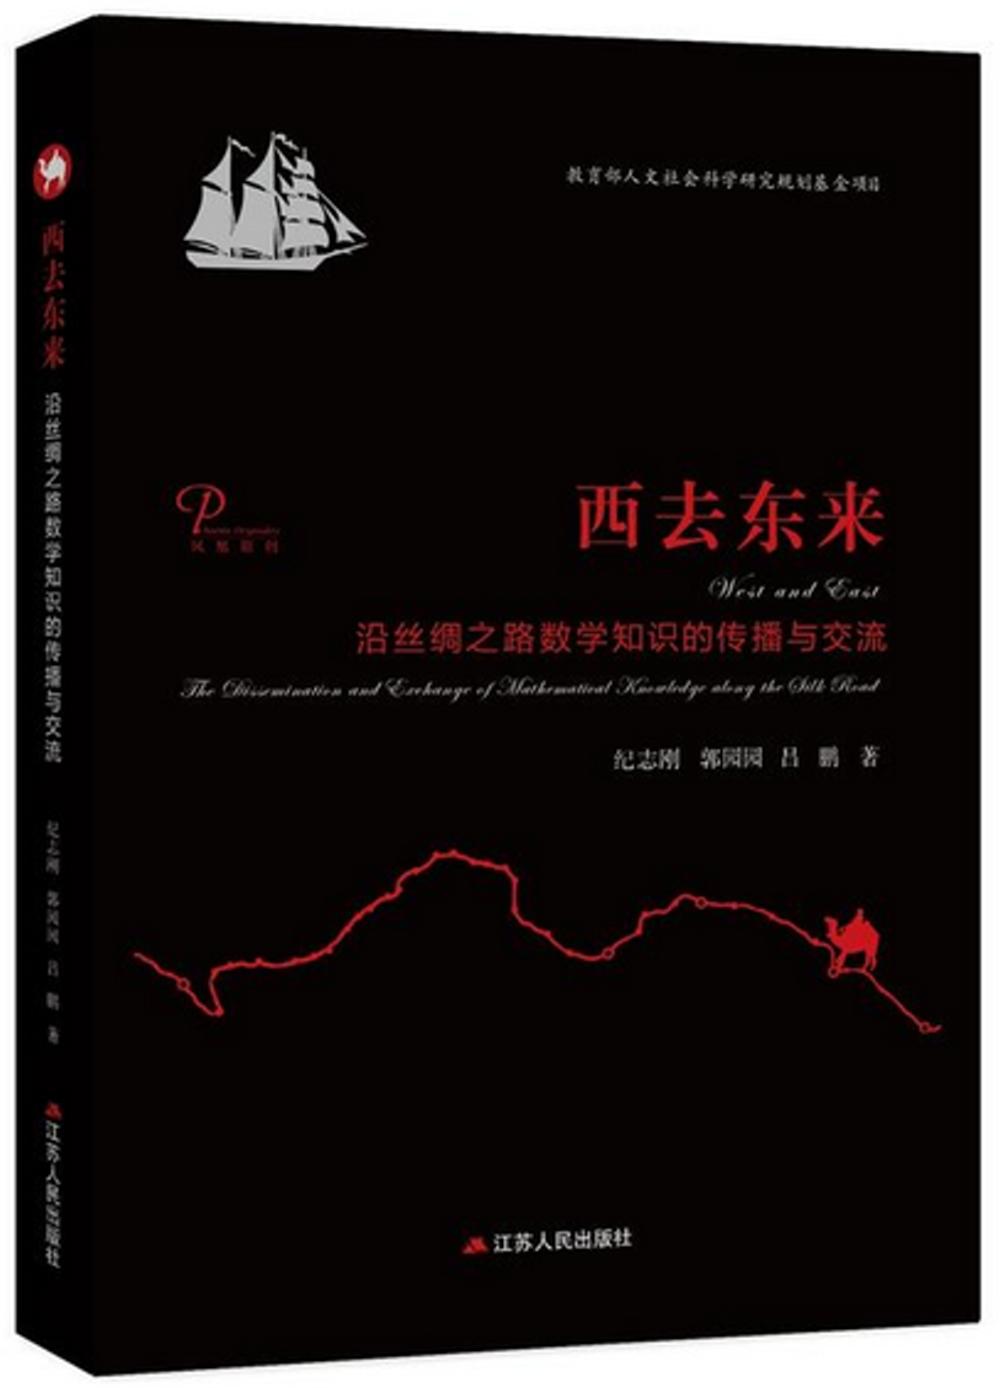 西去東來:沿絲綢之路數學知識的傳播與交流